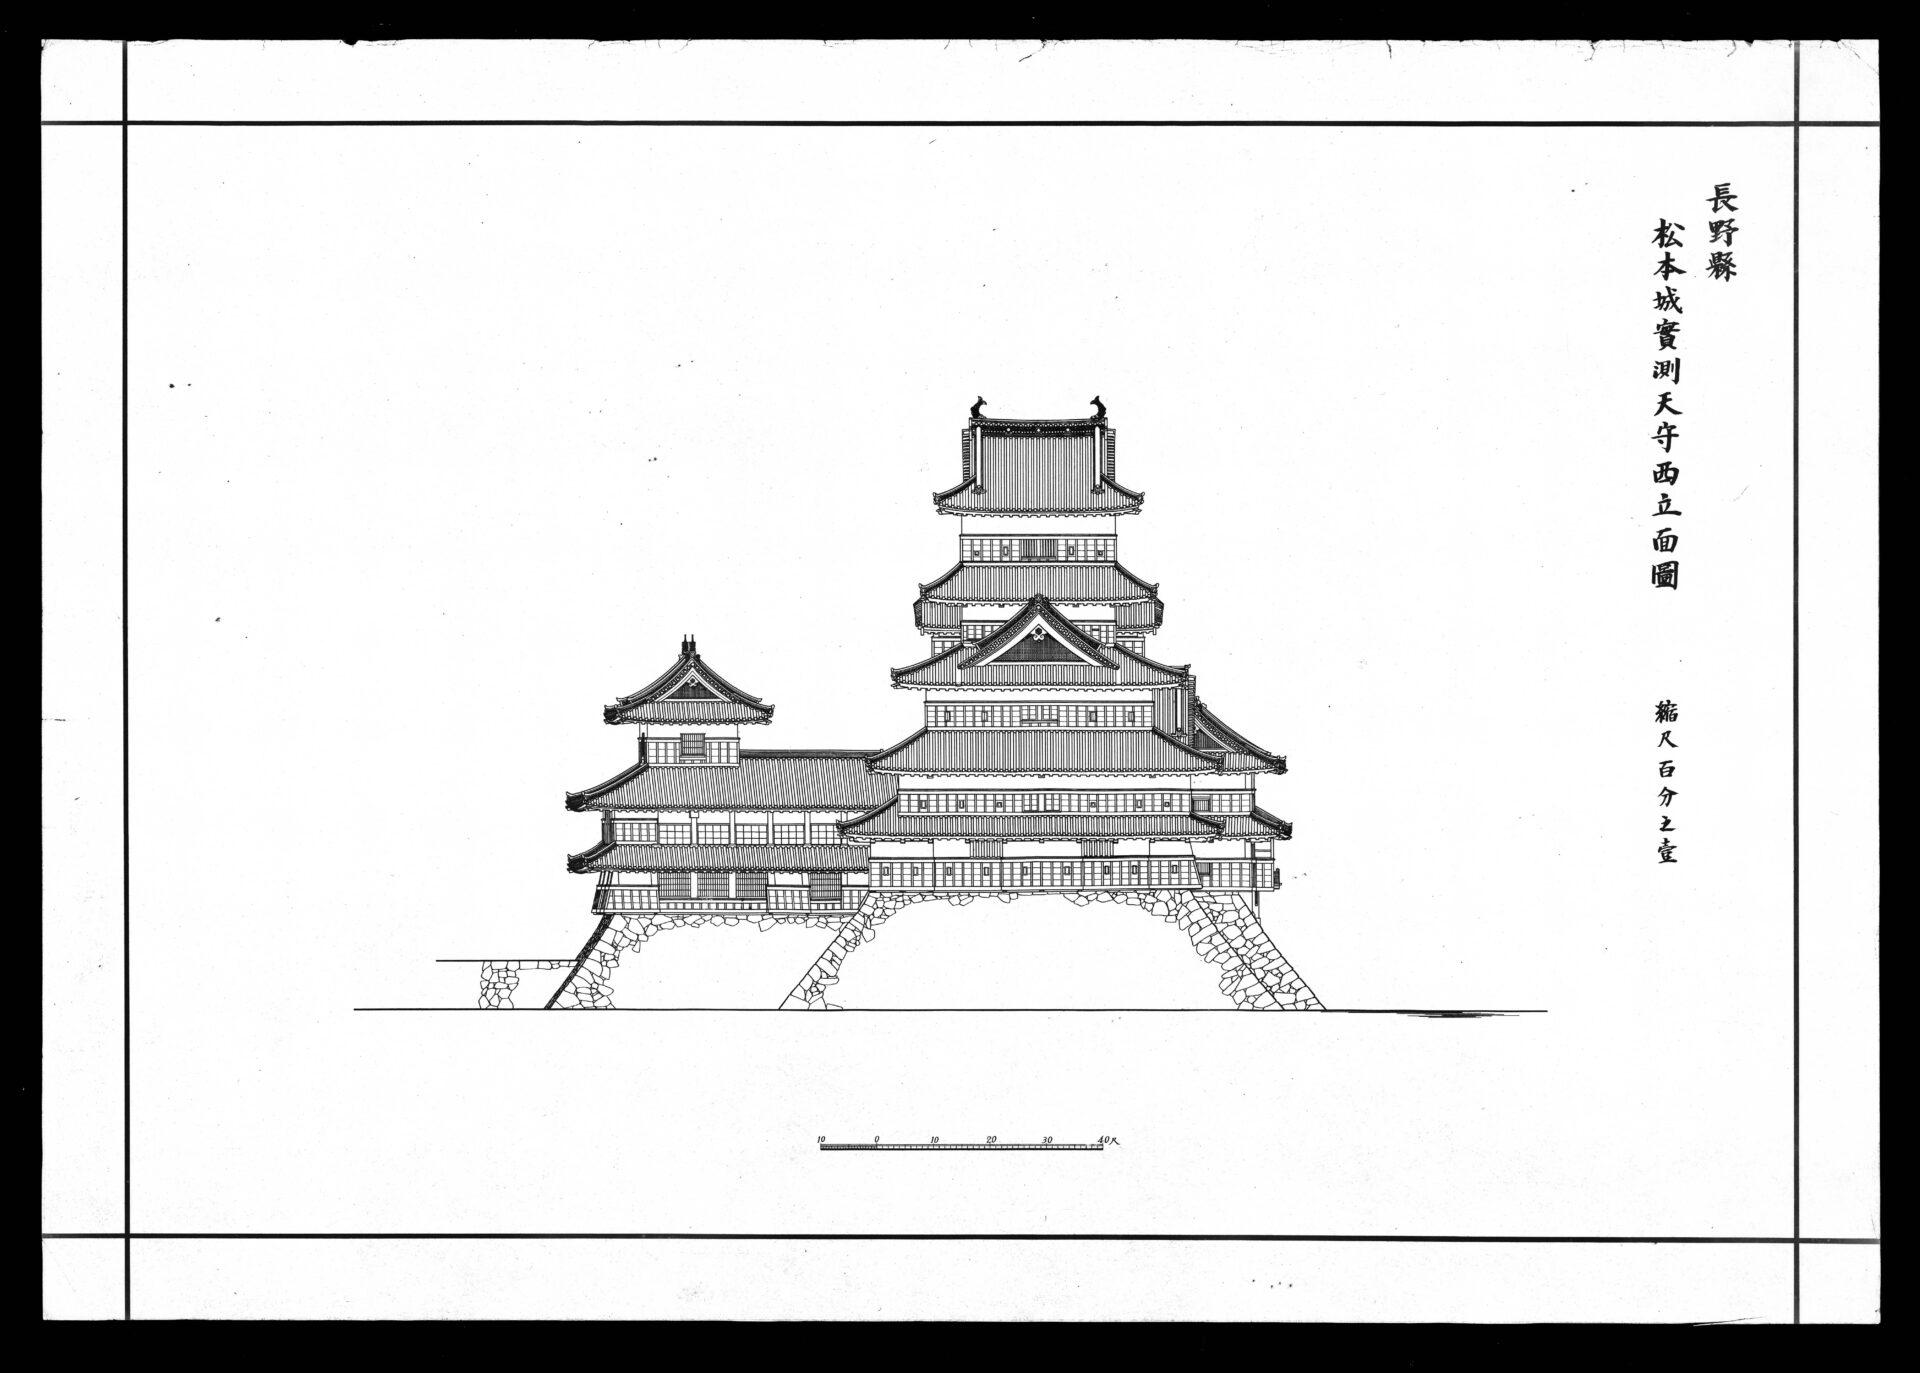 松本城実測天守西立面図